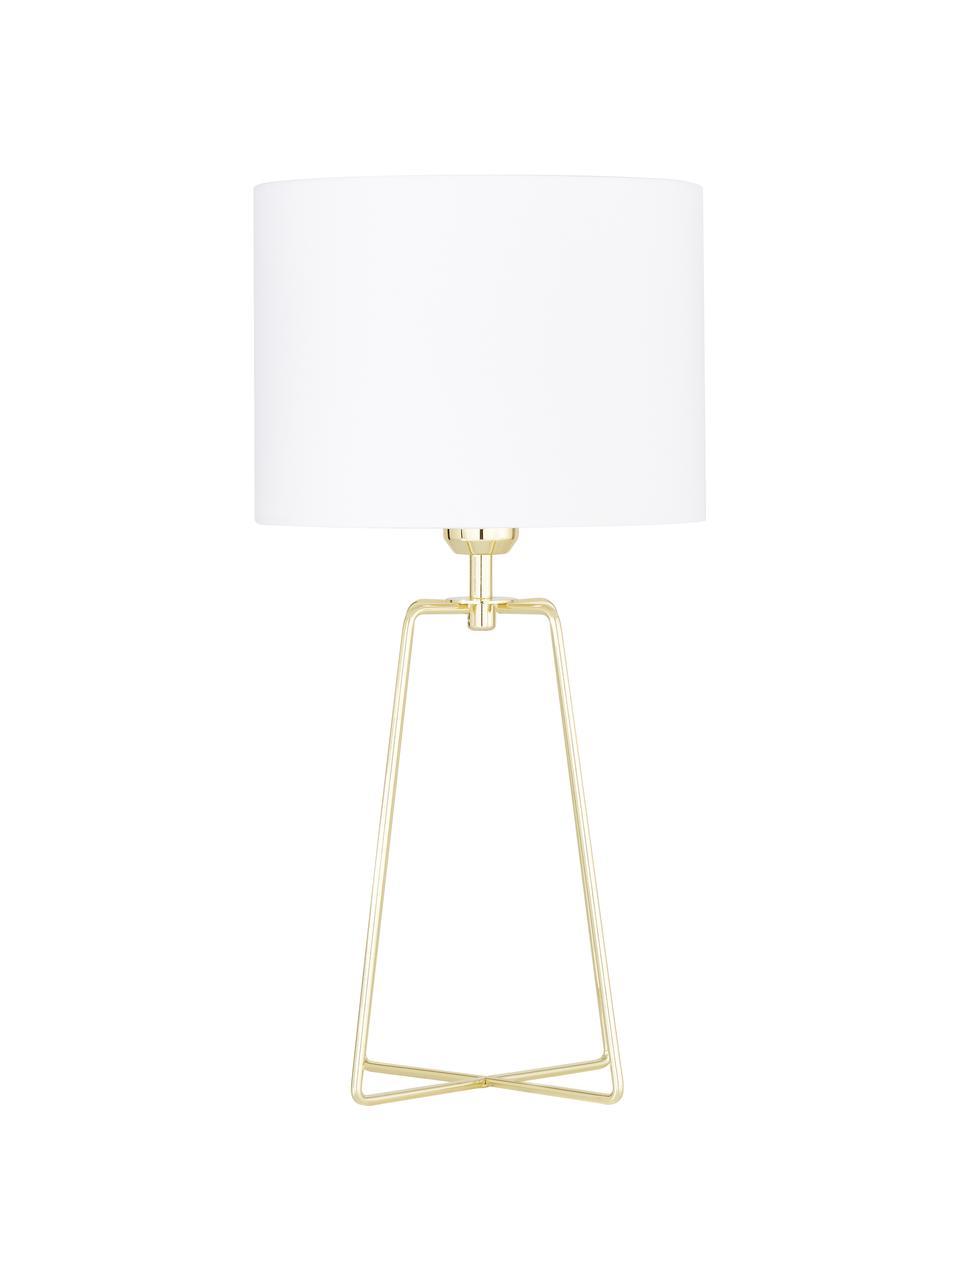 Tischlampe Karolina mit goldenem Lampenfuß, Lampenschirm: Baumwolle, Lampenfuß: Metall, vermessingt, Weiß, Gold, Ø 25 x H 49 cm